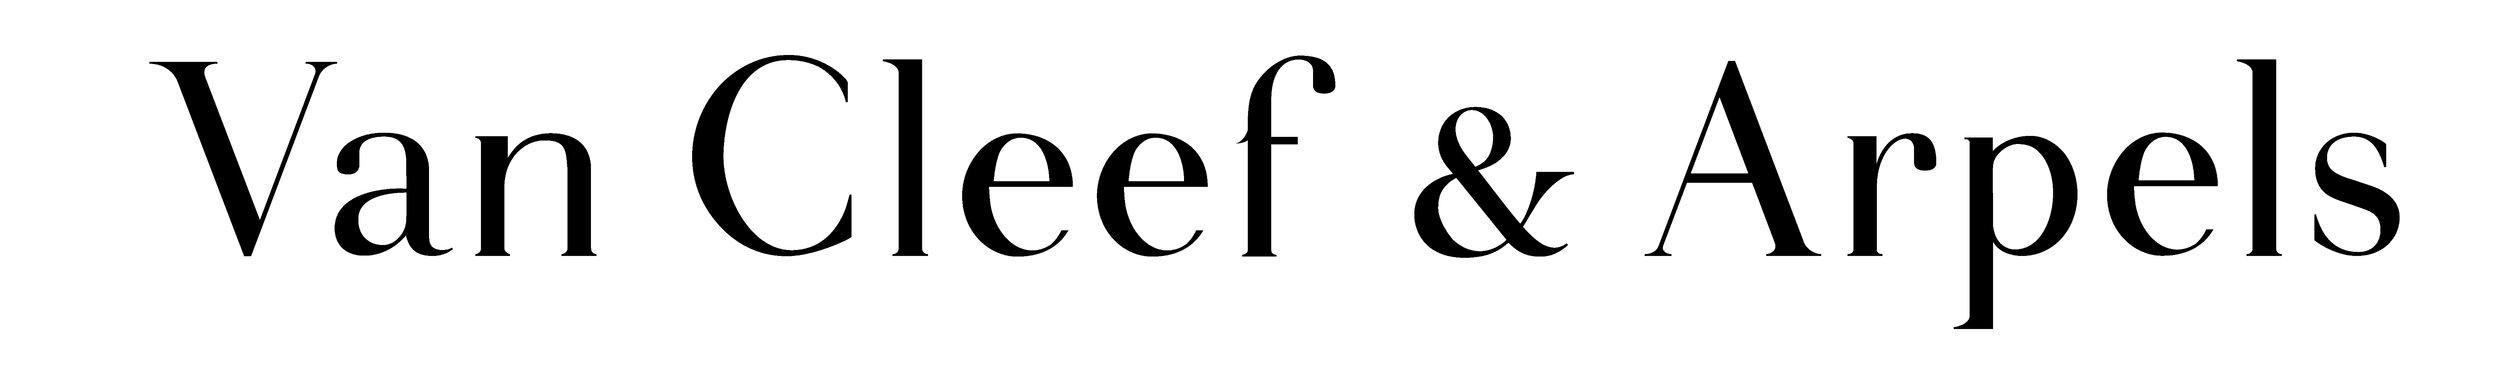 Van_Cleef_Arpels_logo_logotype_wordmark.jpg